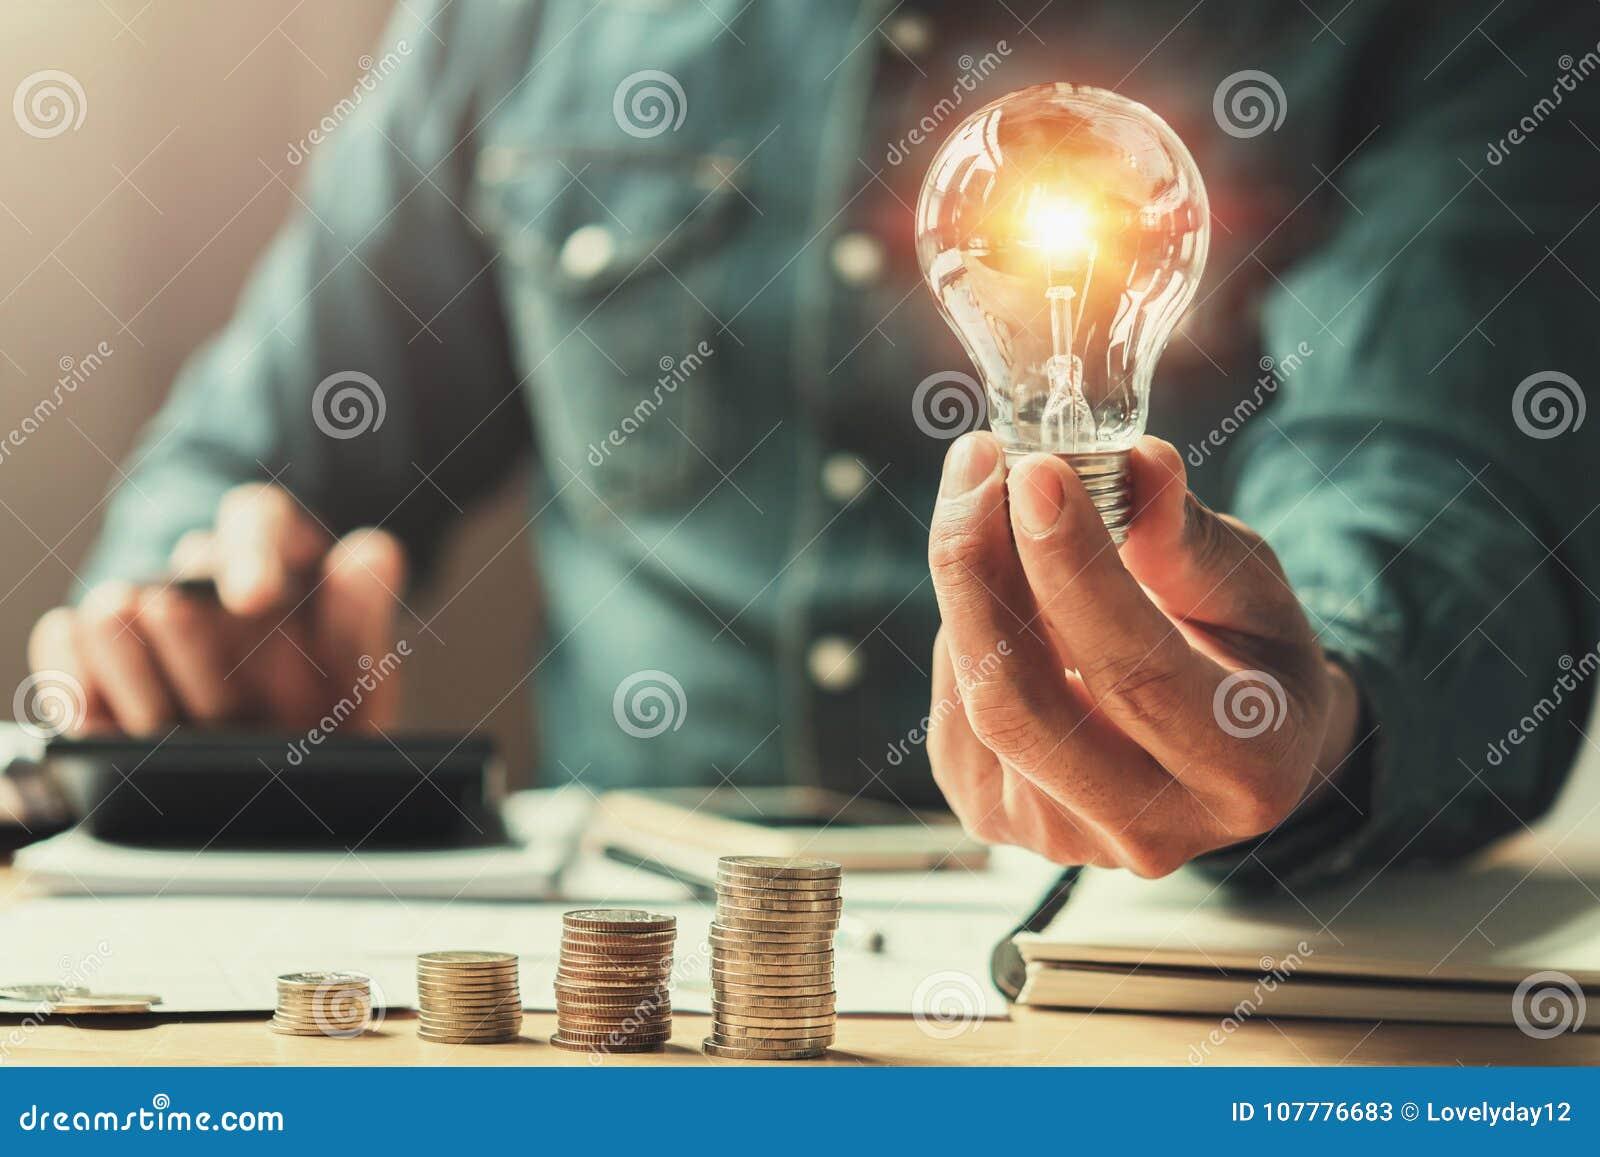 финансы дела и сила сбережений новая солнечная энергия идеи